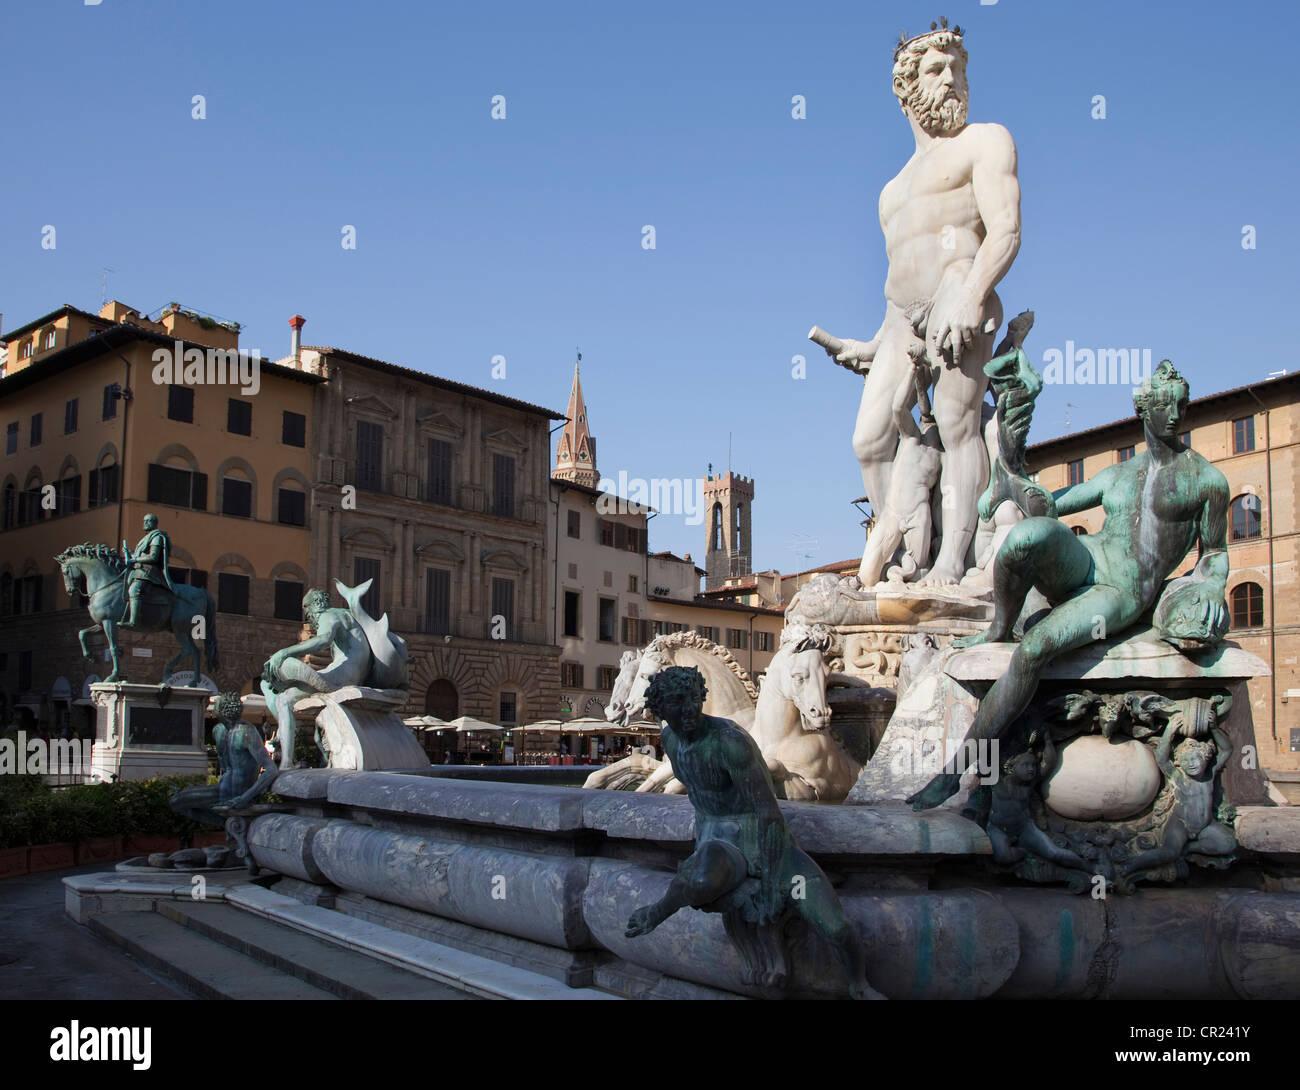 Fontana di Nettuno in town square - Stock Image